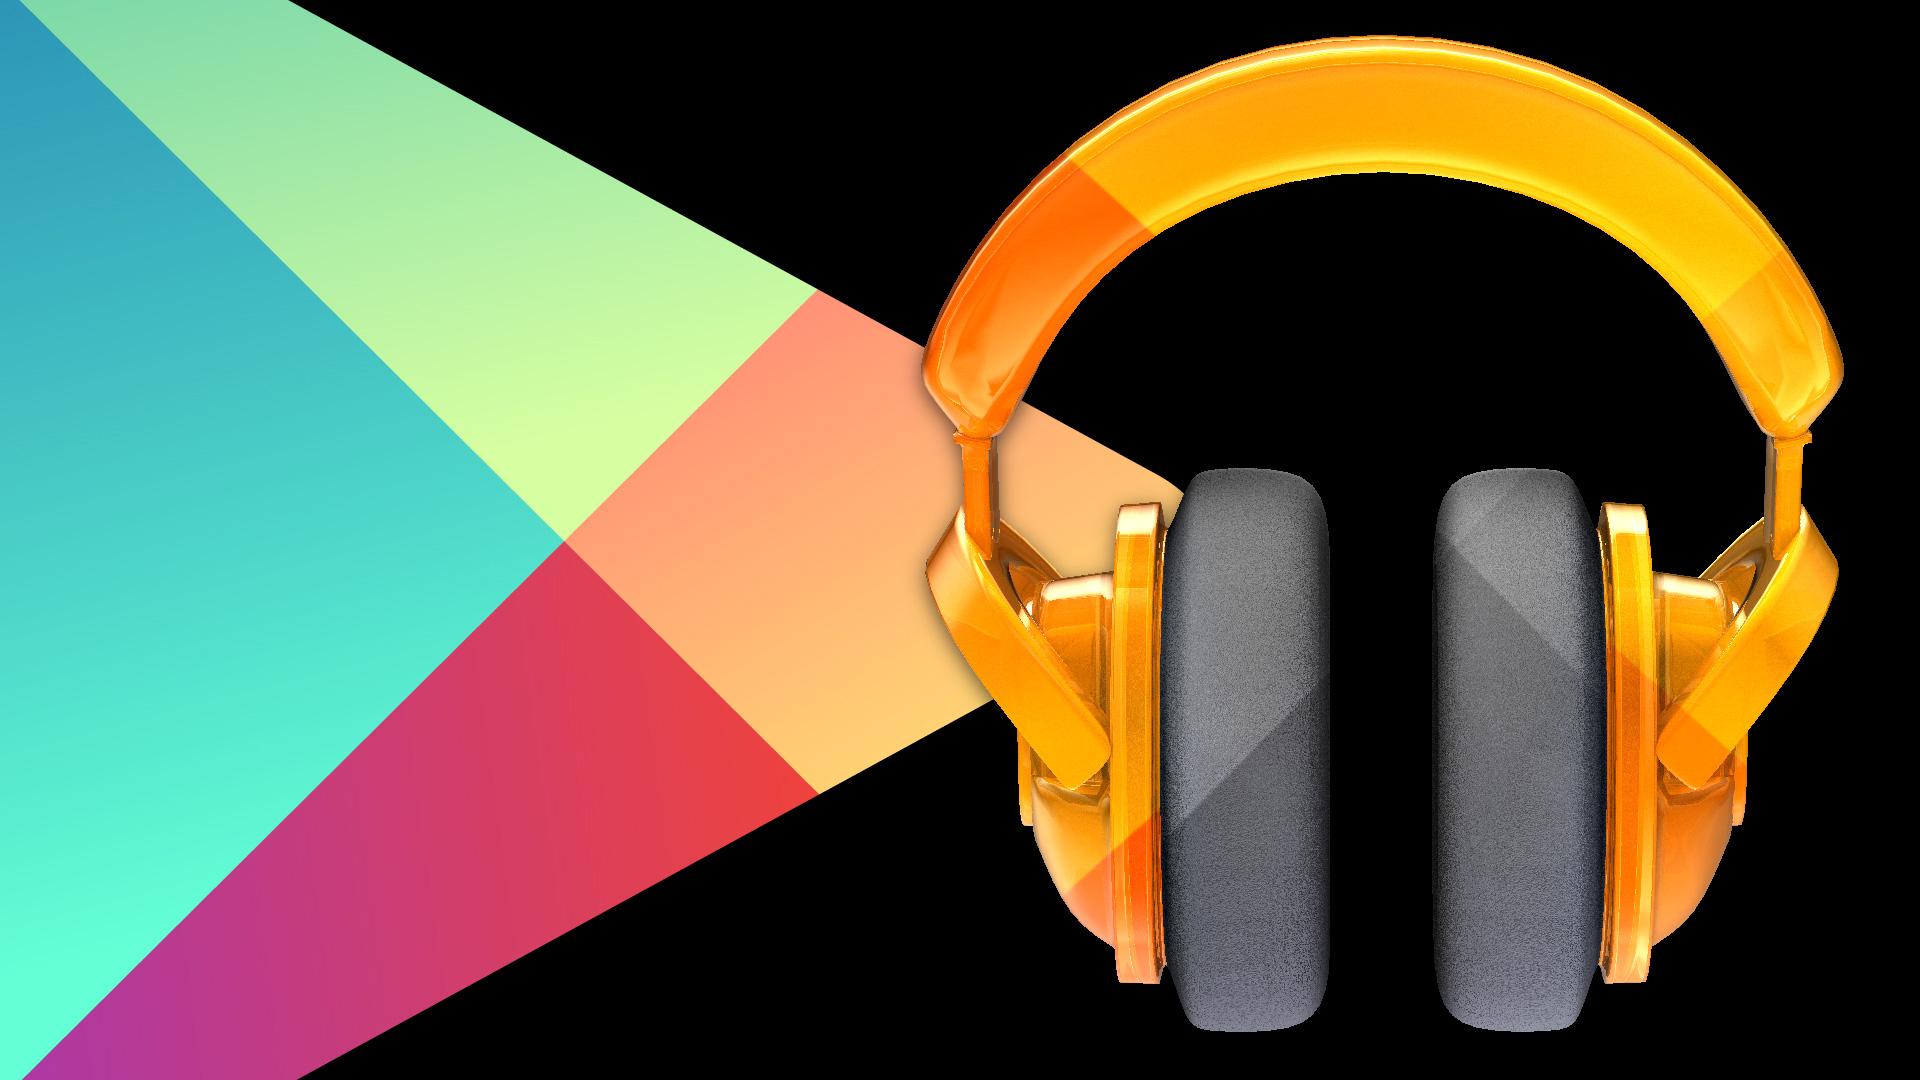 Google Play Music chiude a ottobre: tempo fino a dicembre per migrare su YouTube Music